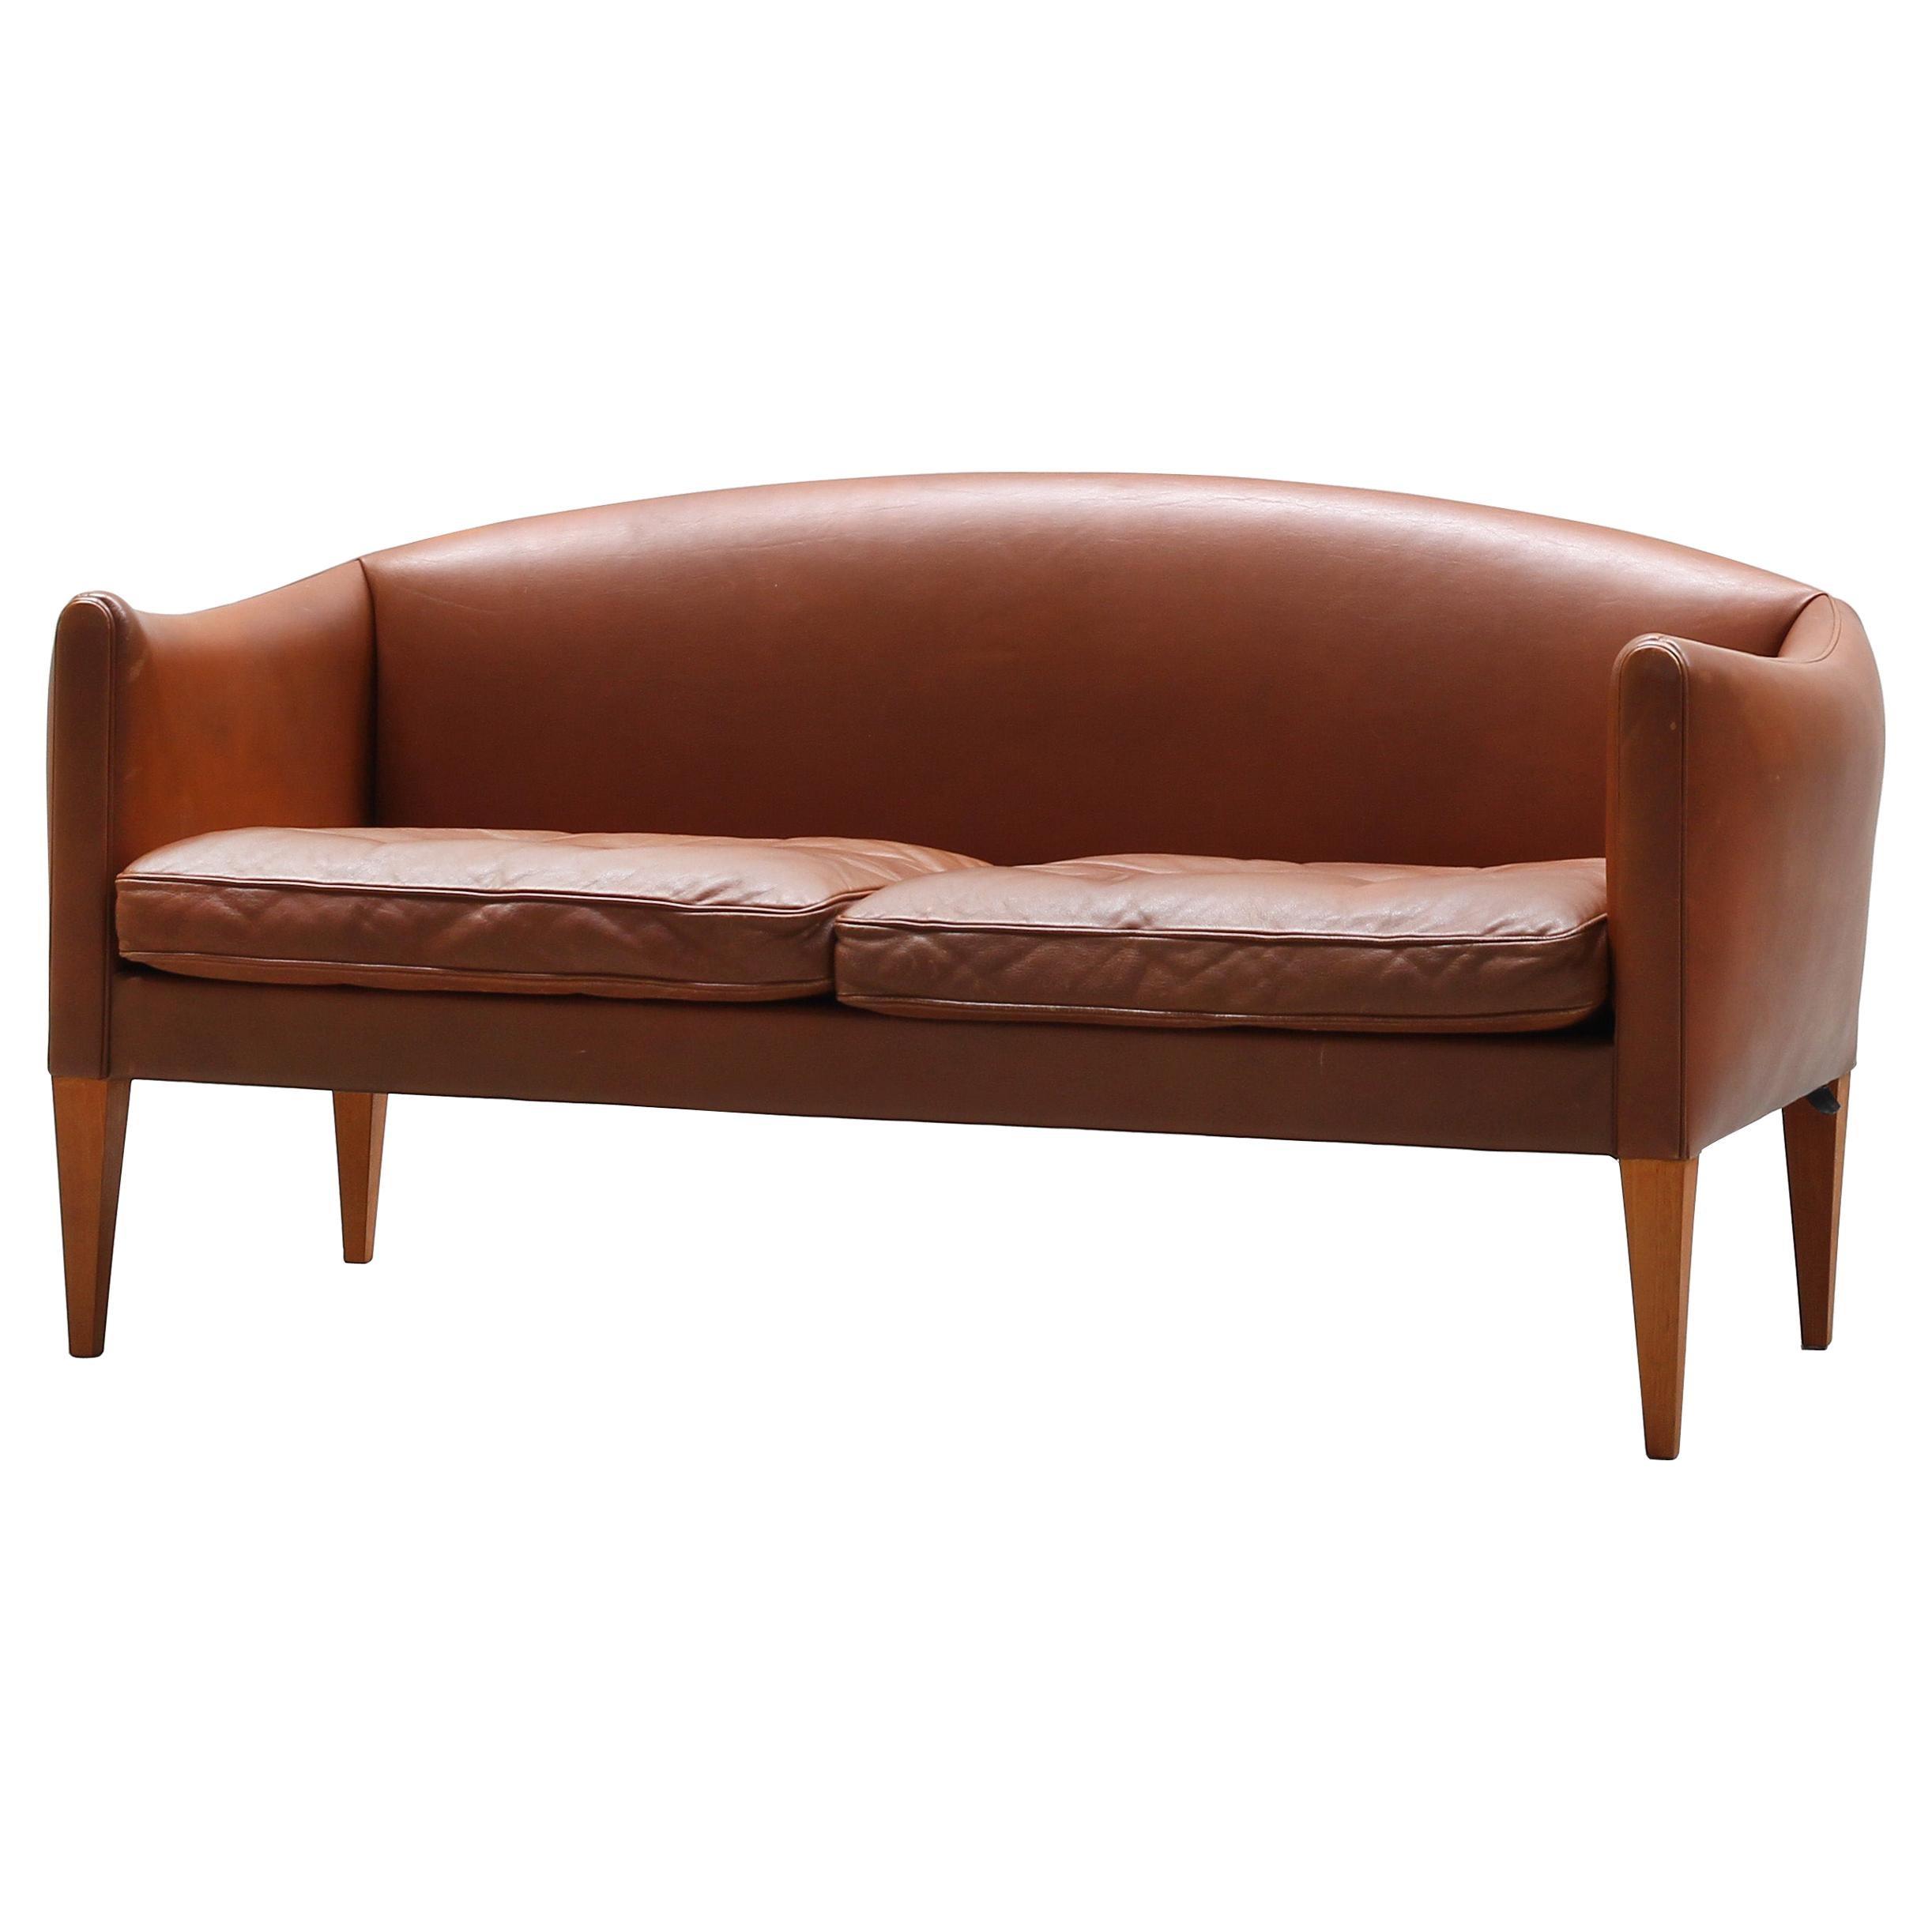 Danish Sofa by Illum Wikkelsø for Holger Christiansen, Denmark, 1960s Leather